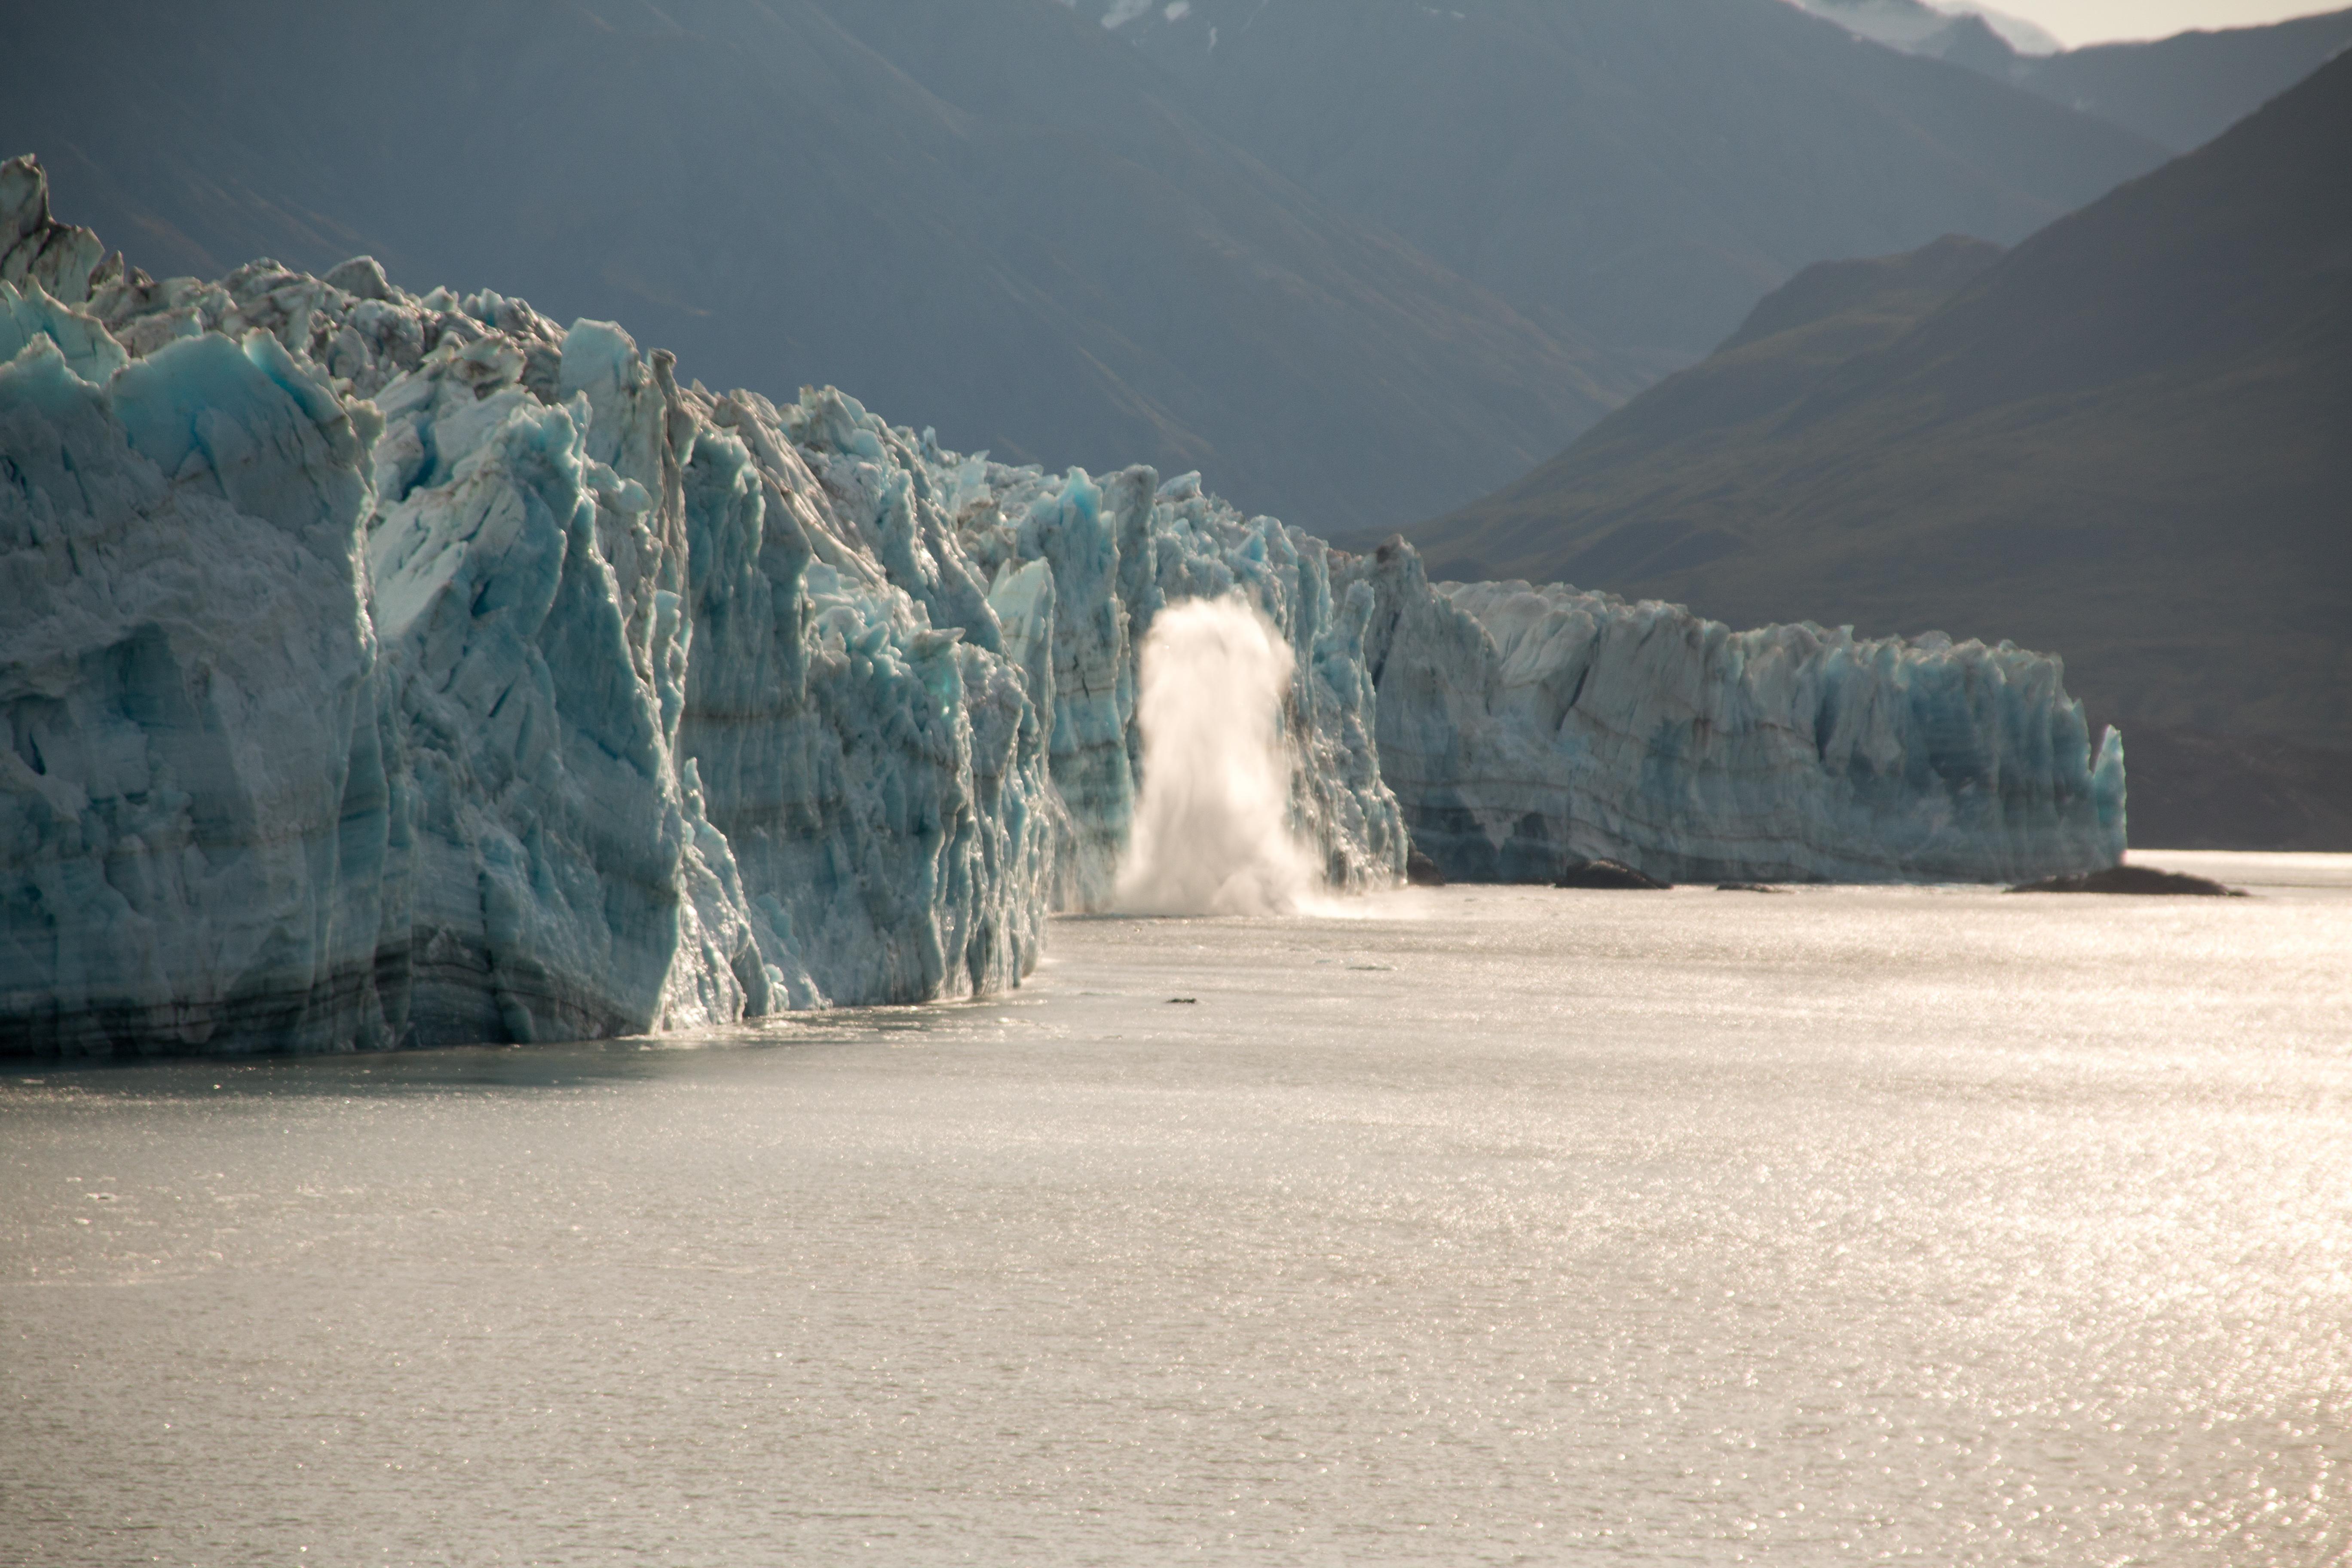 Hubbard Glacier Alaska large piece of glacier calving